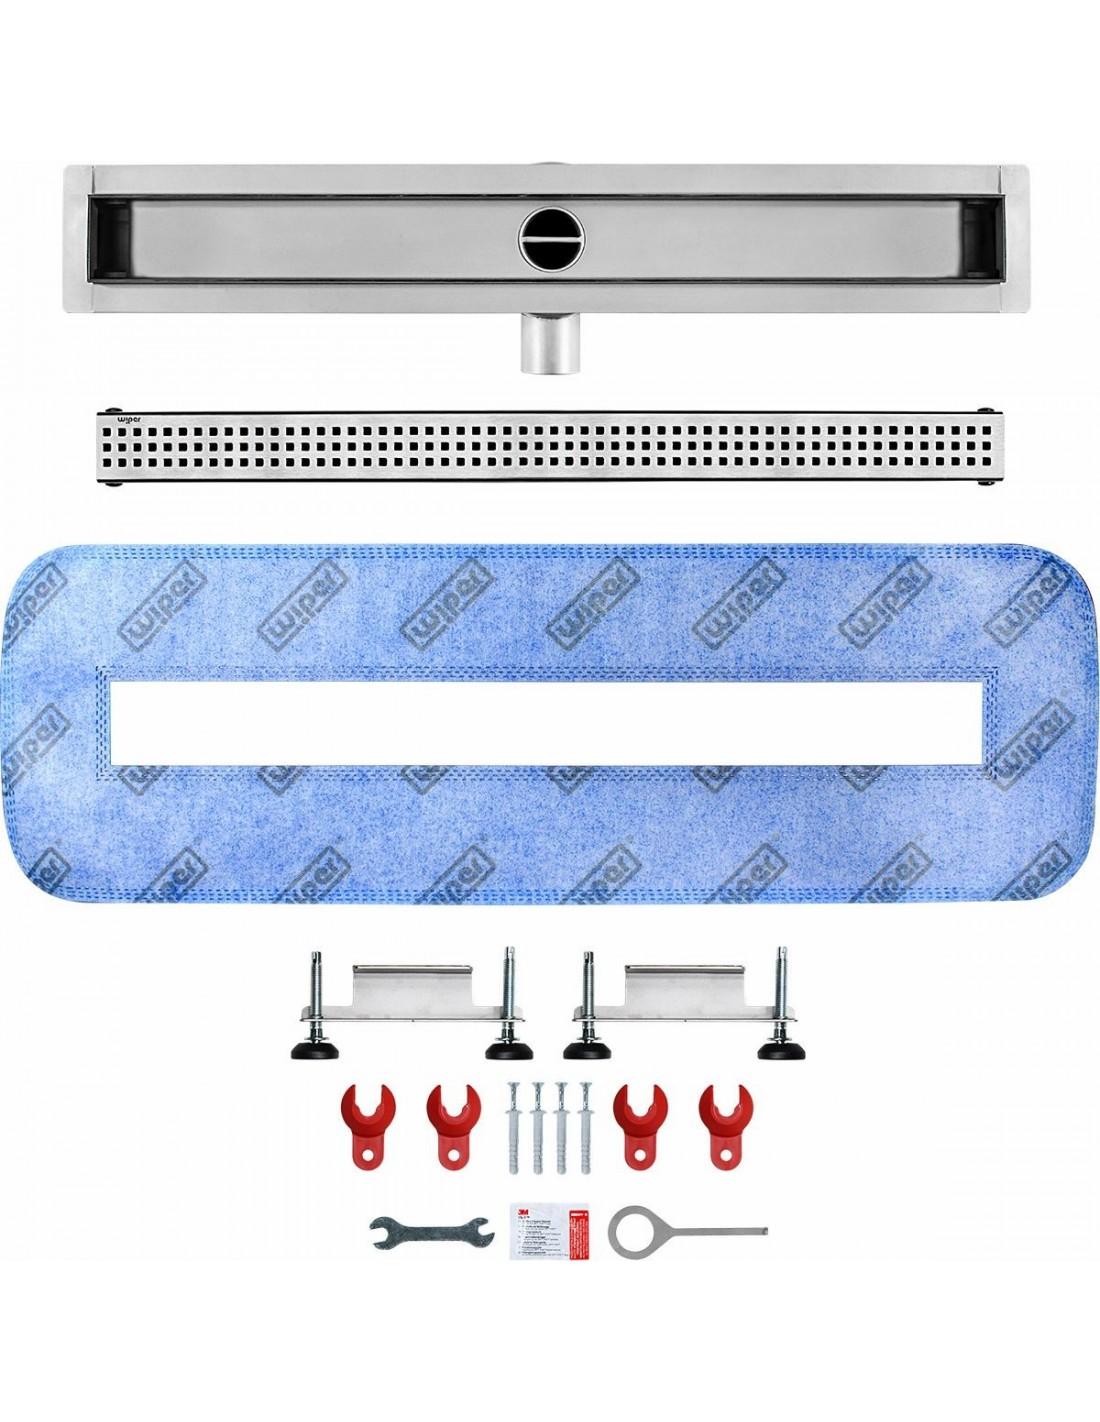 edelstahl ablaufrinne wiper 1100 mm premium sirocco modernedusche. Black Bedroom Furniture Sets. Home Design Ideas